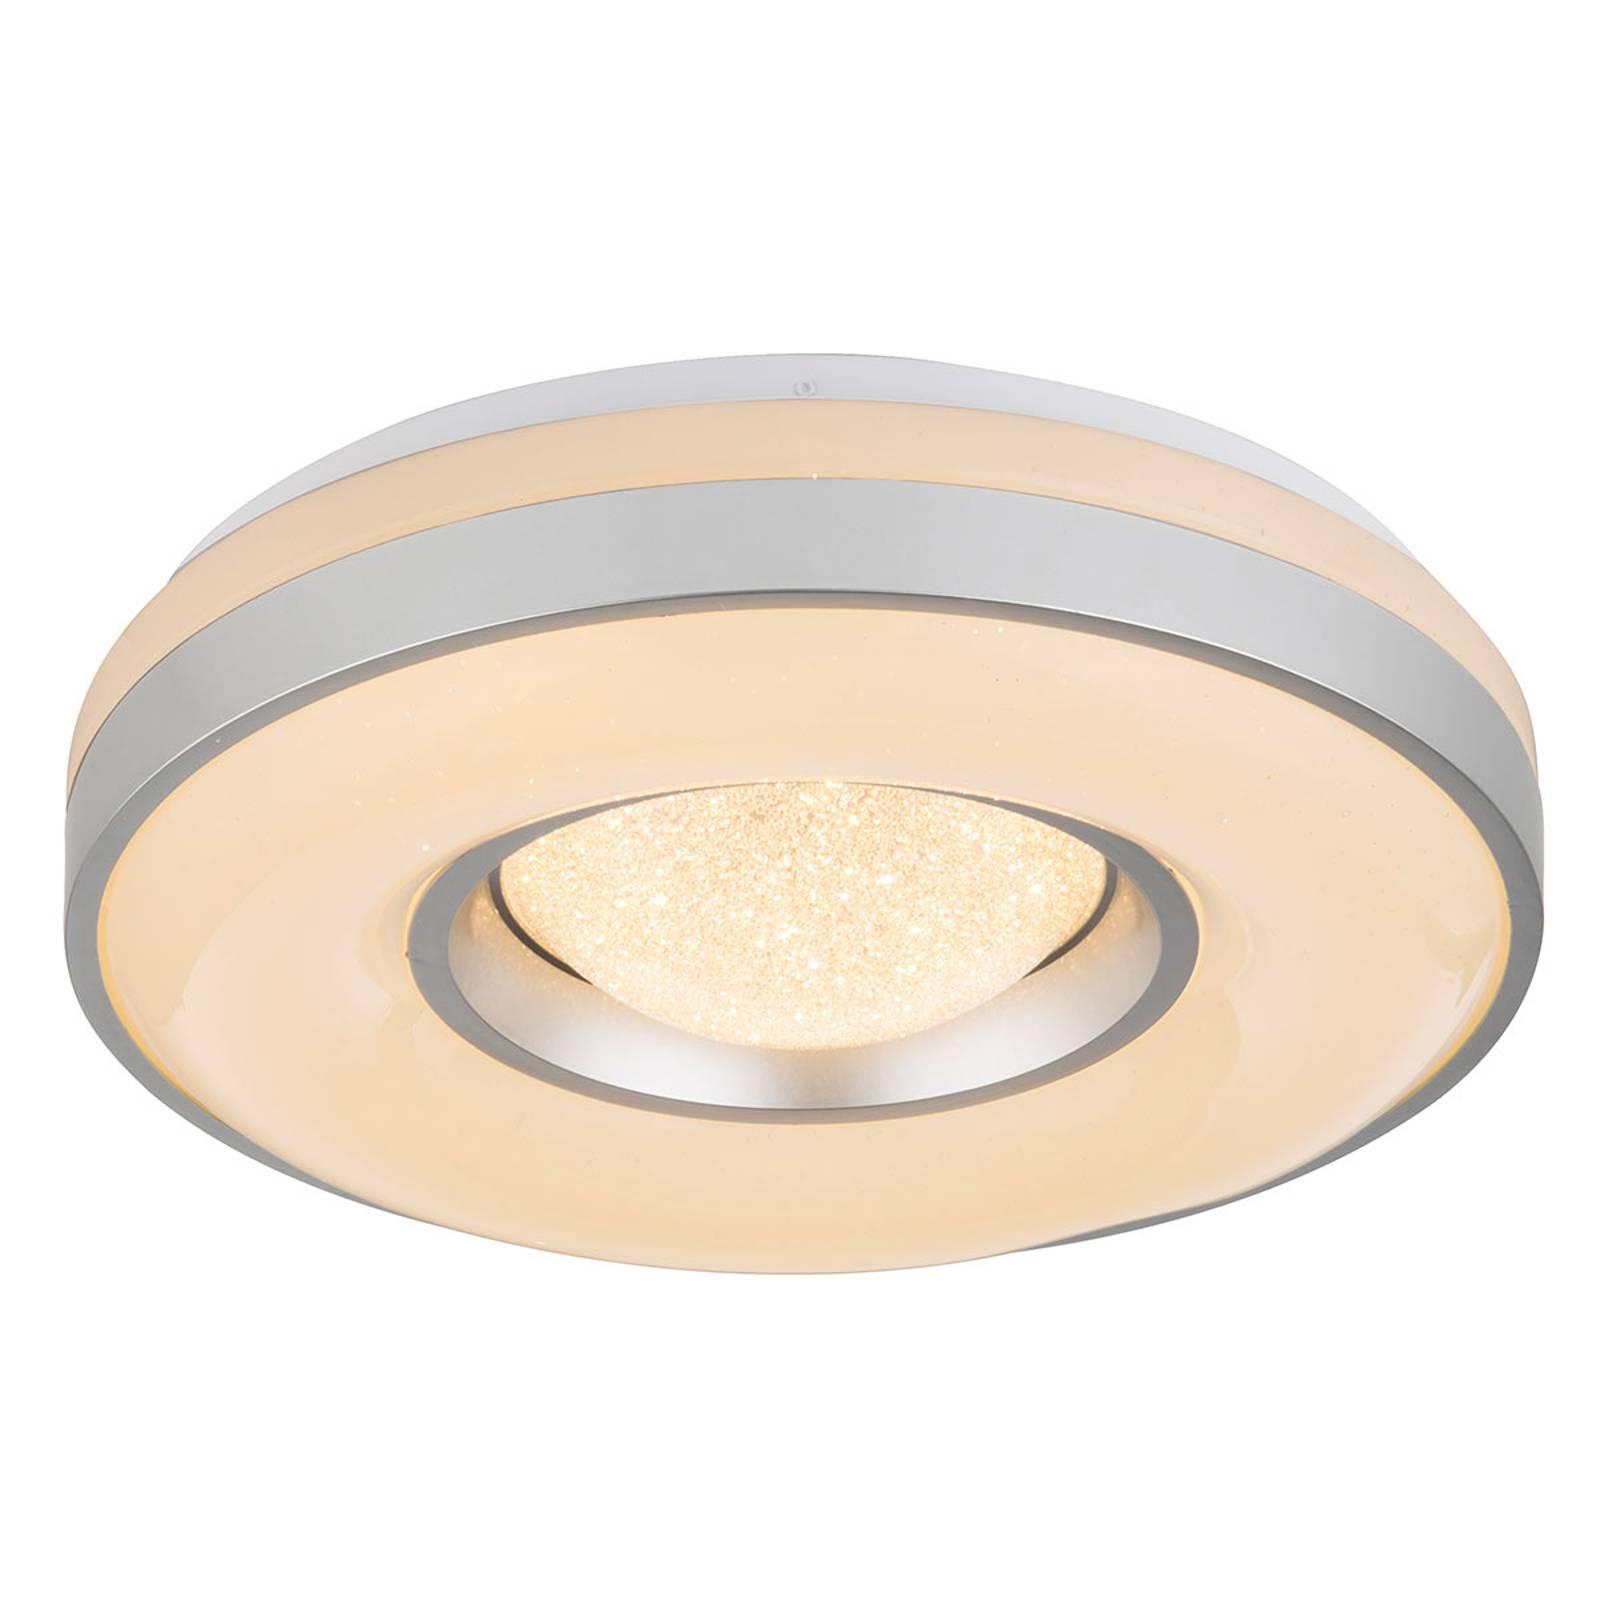 Plafoniera LED Colla con struttura color argento